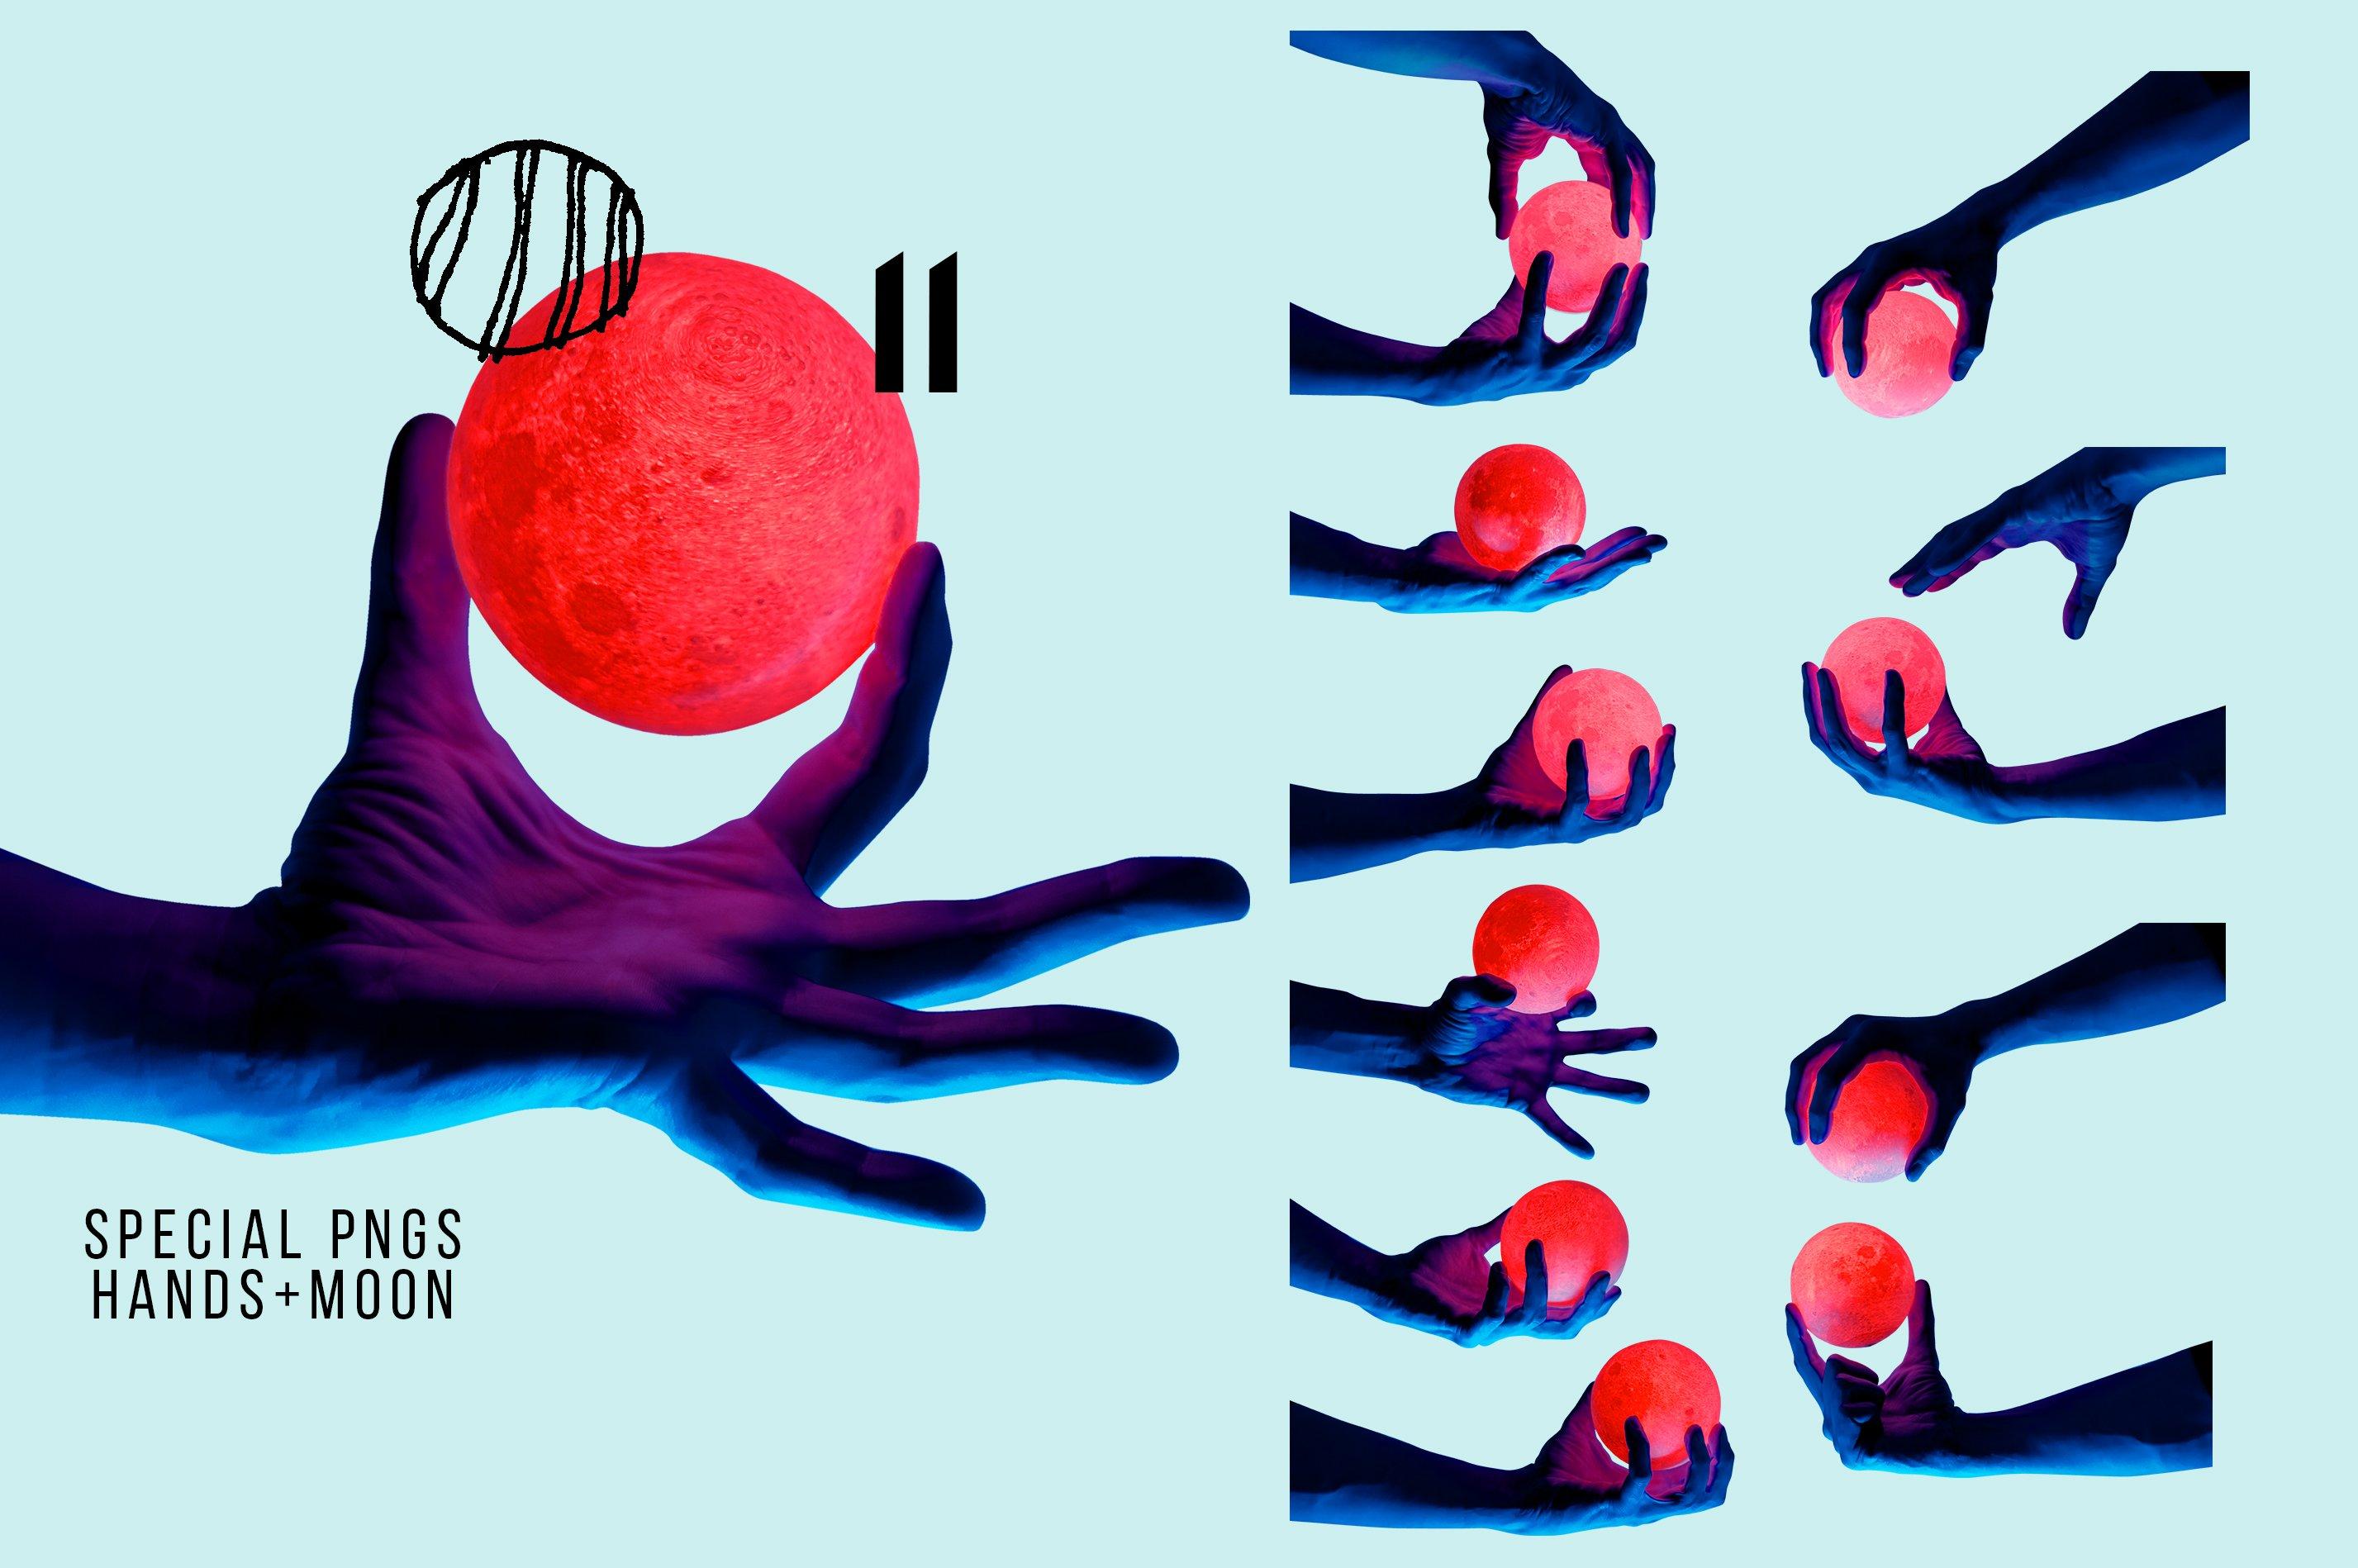 [淘宝购买] 抽象手绘矢量图形手势图片平面海报设计素材集合 Abstract Hands Pattern插图(3)